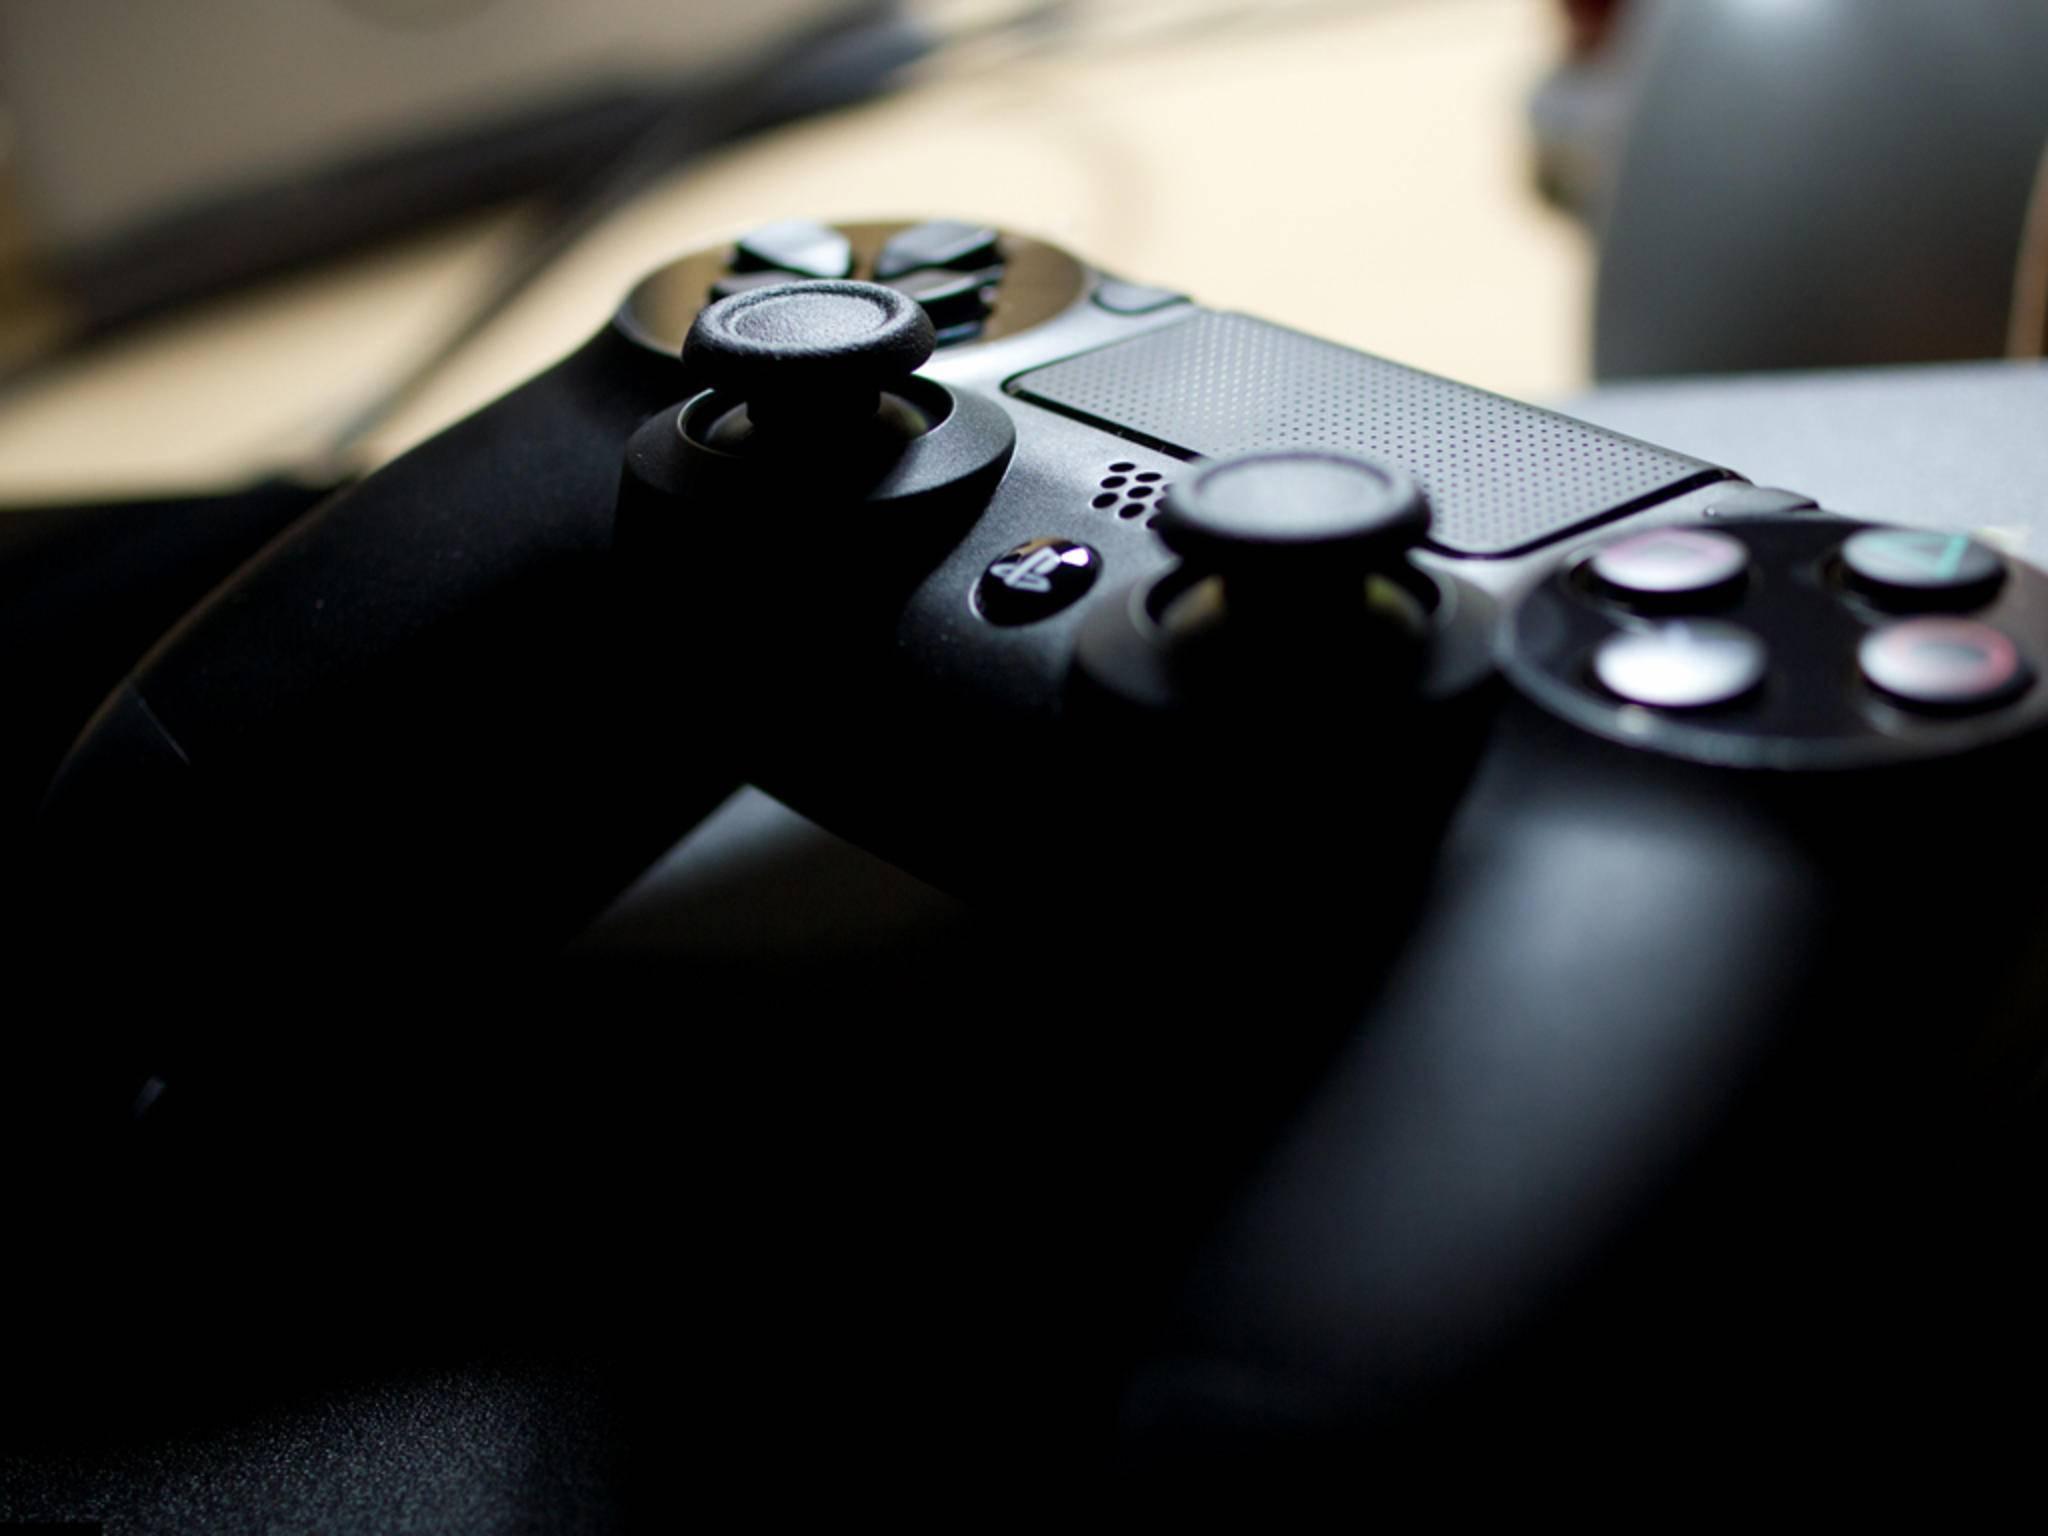 Sony sucht mal wieder Beta-Tester für das neue Firmware-Update für die PS4.